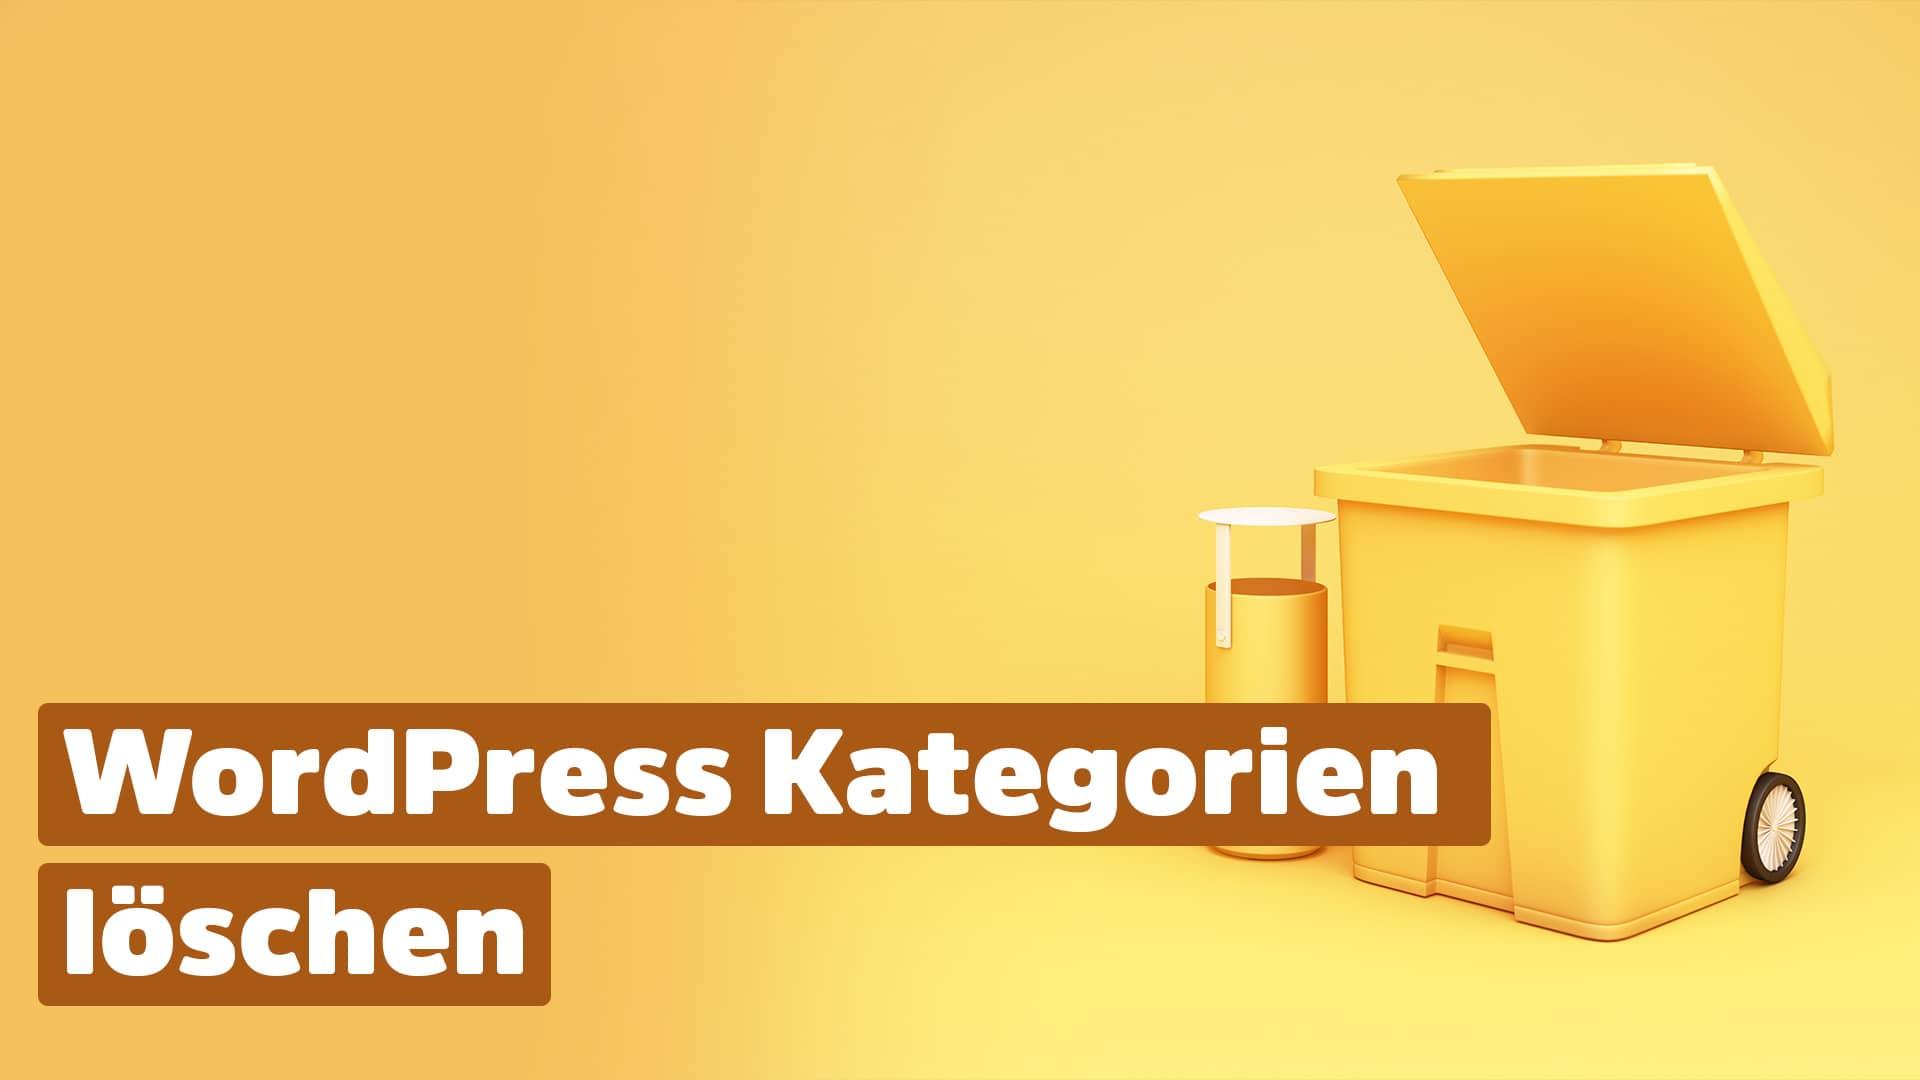 WordPress Kategorien löschen